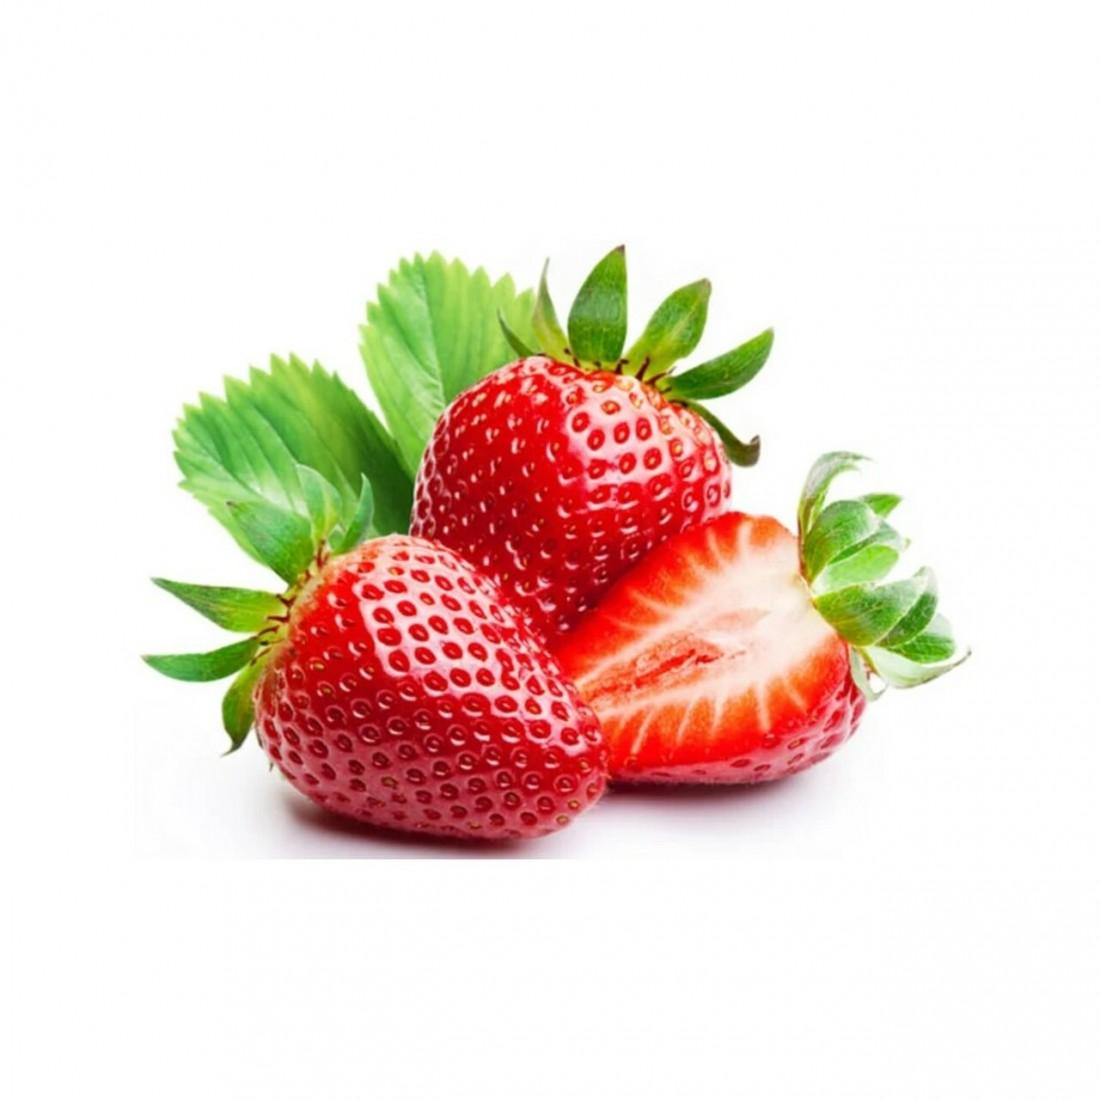 Australia Strawberries